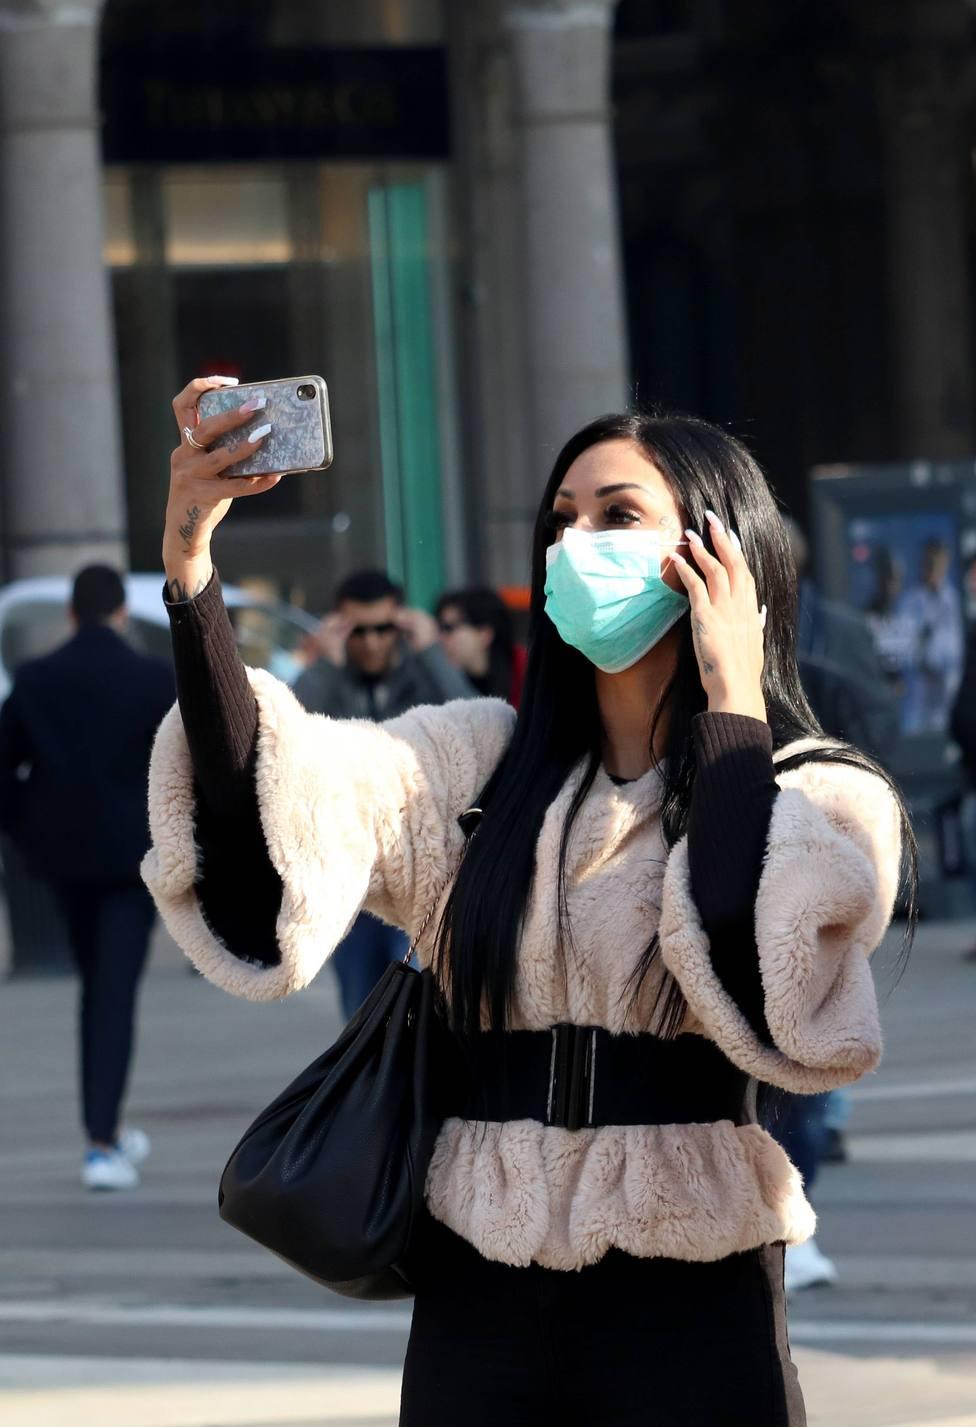 emergenza coronavirus anche alla